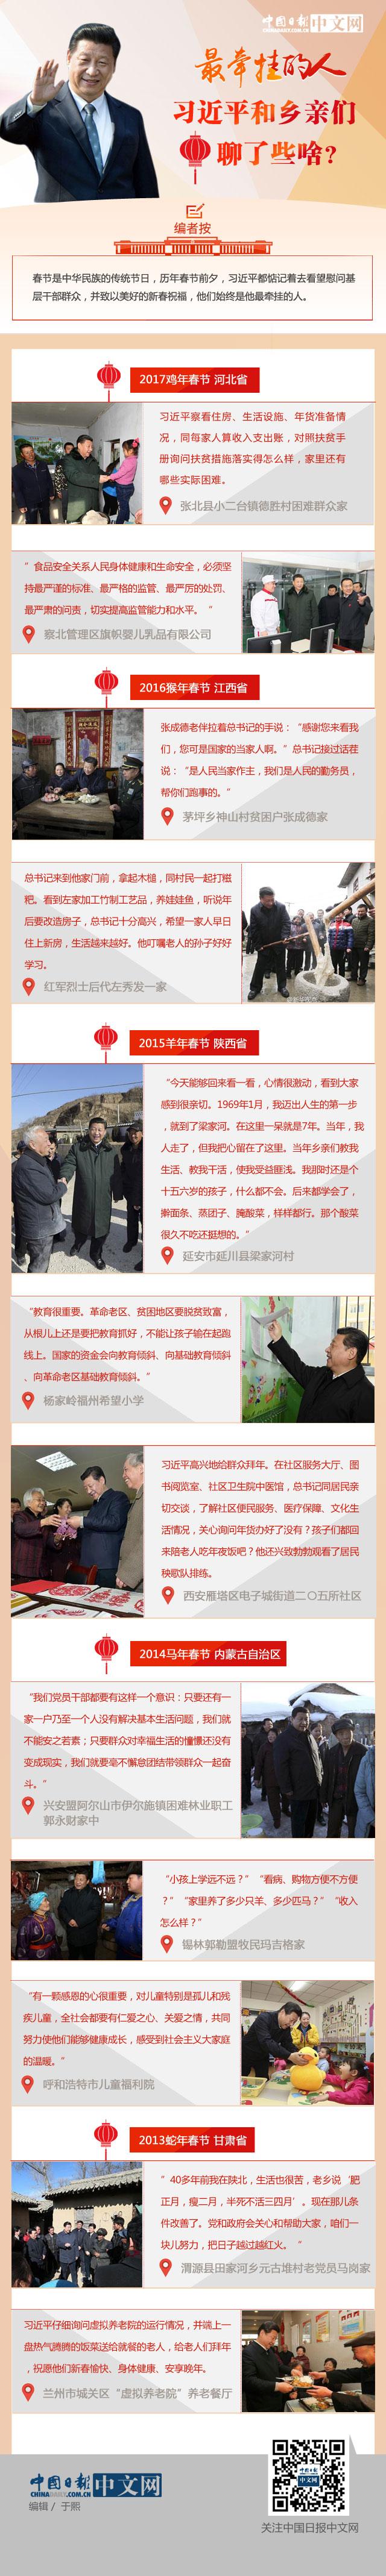 图解:新春佳节,习近平和乡亲们聊了啥?